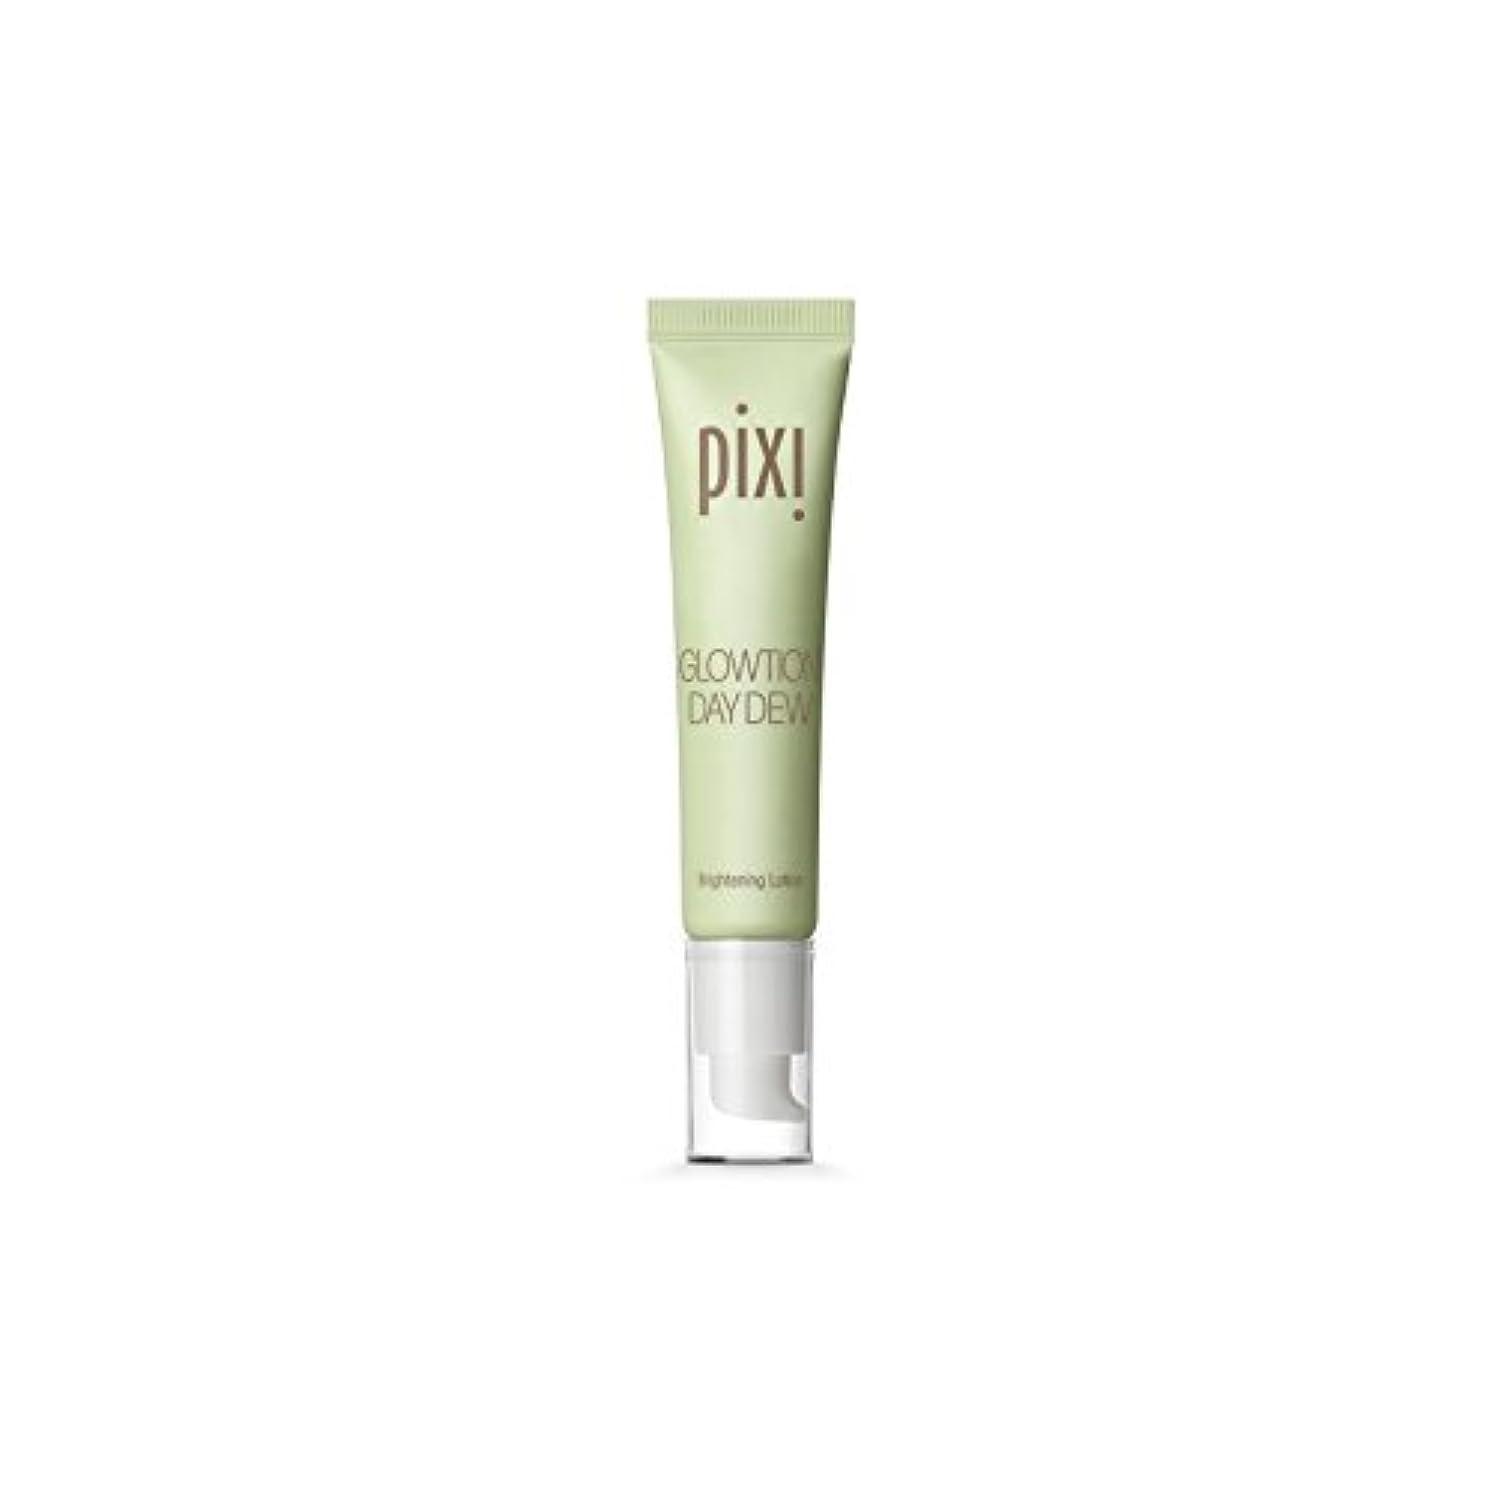 瀬戸際小道具プロトタイプ日露 x2 - Pixi Pixi Glowtion Day Dew (Pack of 2) [並行輸入品]